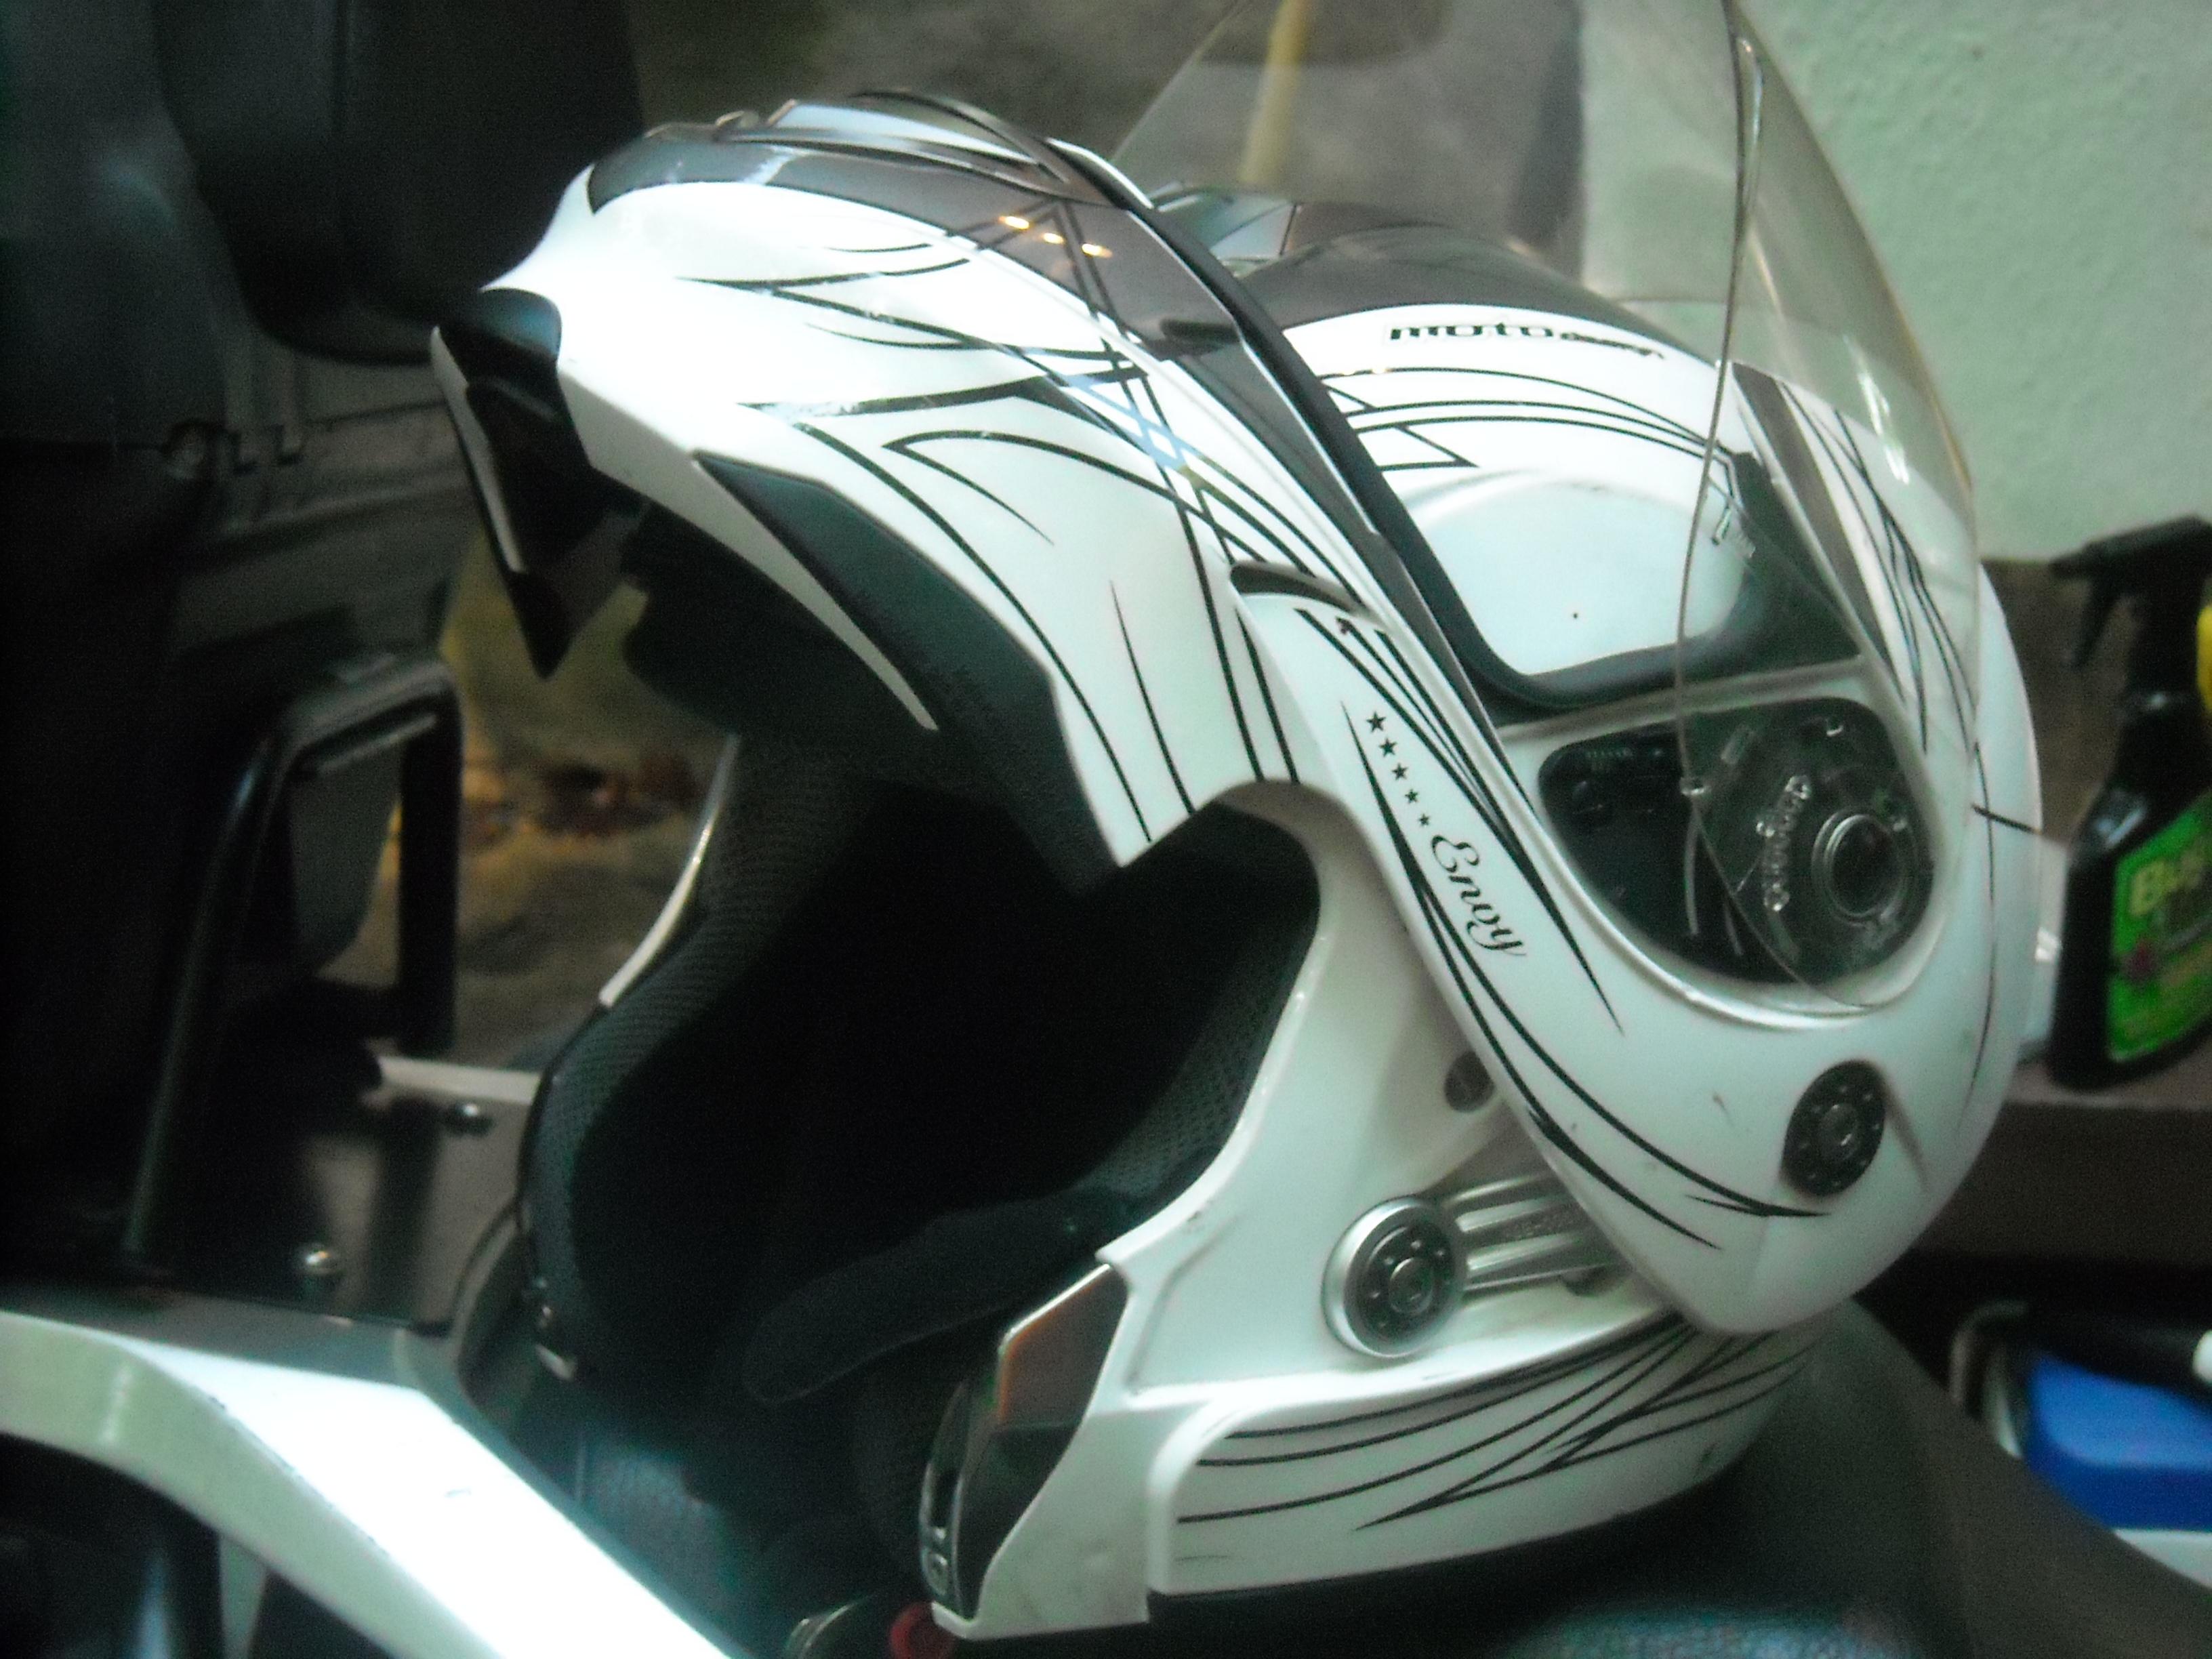 Winter Tumblr Pictures My 2005 Suzuki V-Strom...